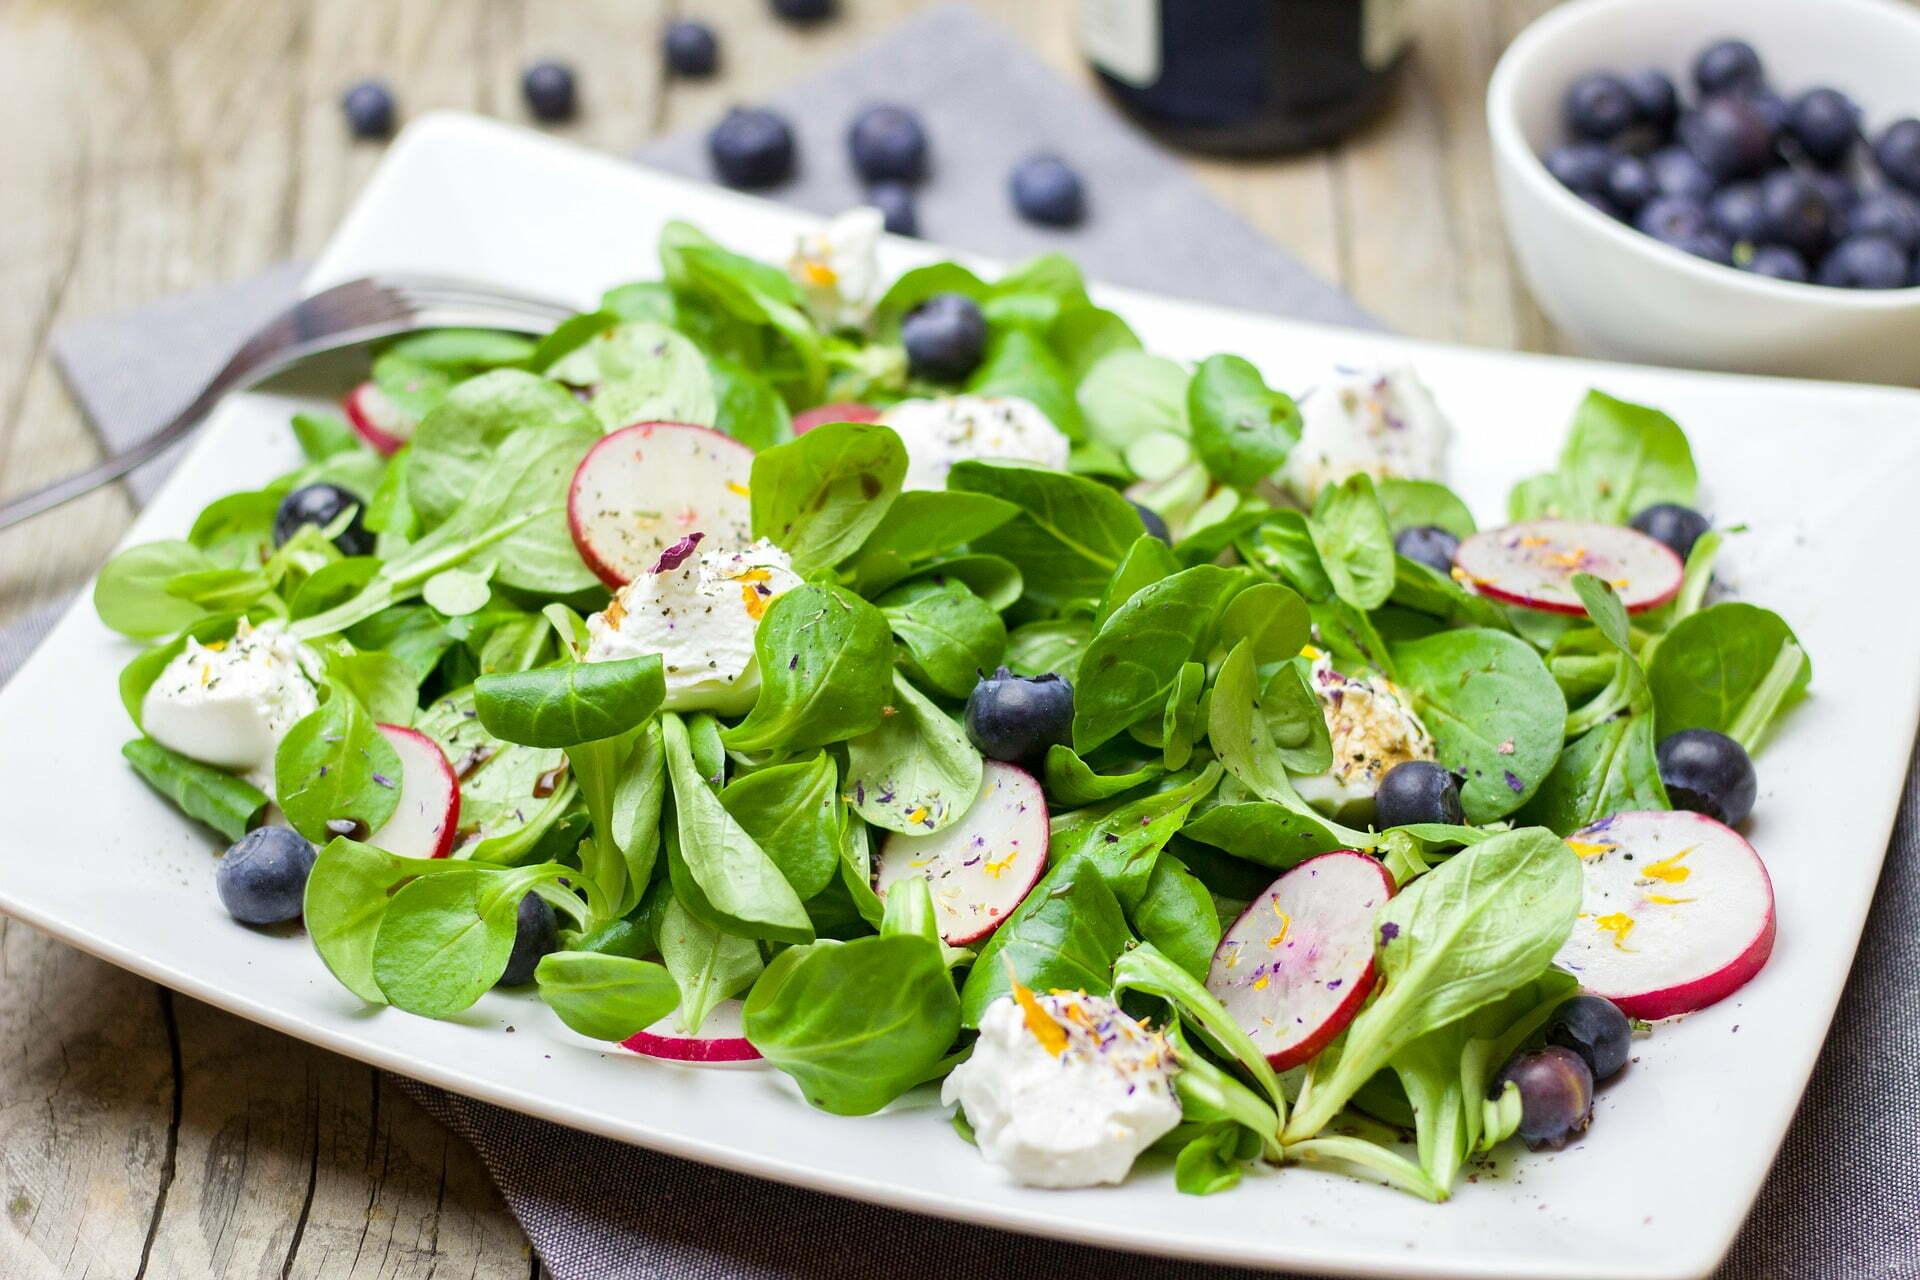 Nüsslisalat mit Mozzarella, Radieschen und Heidelbeeren